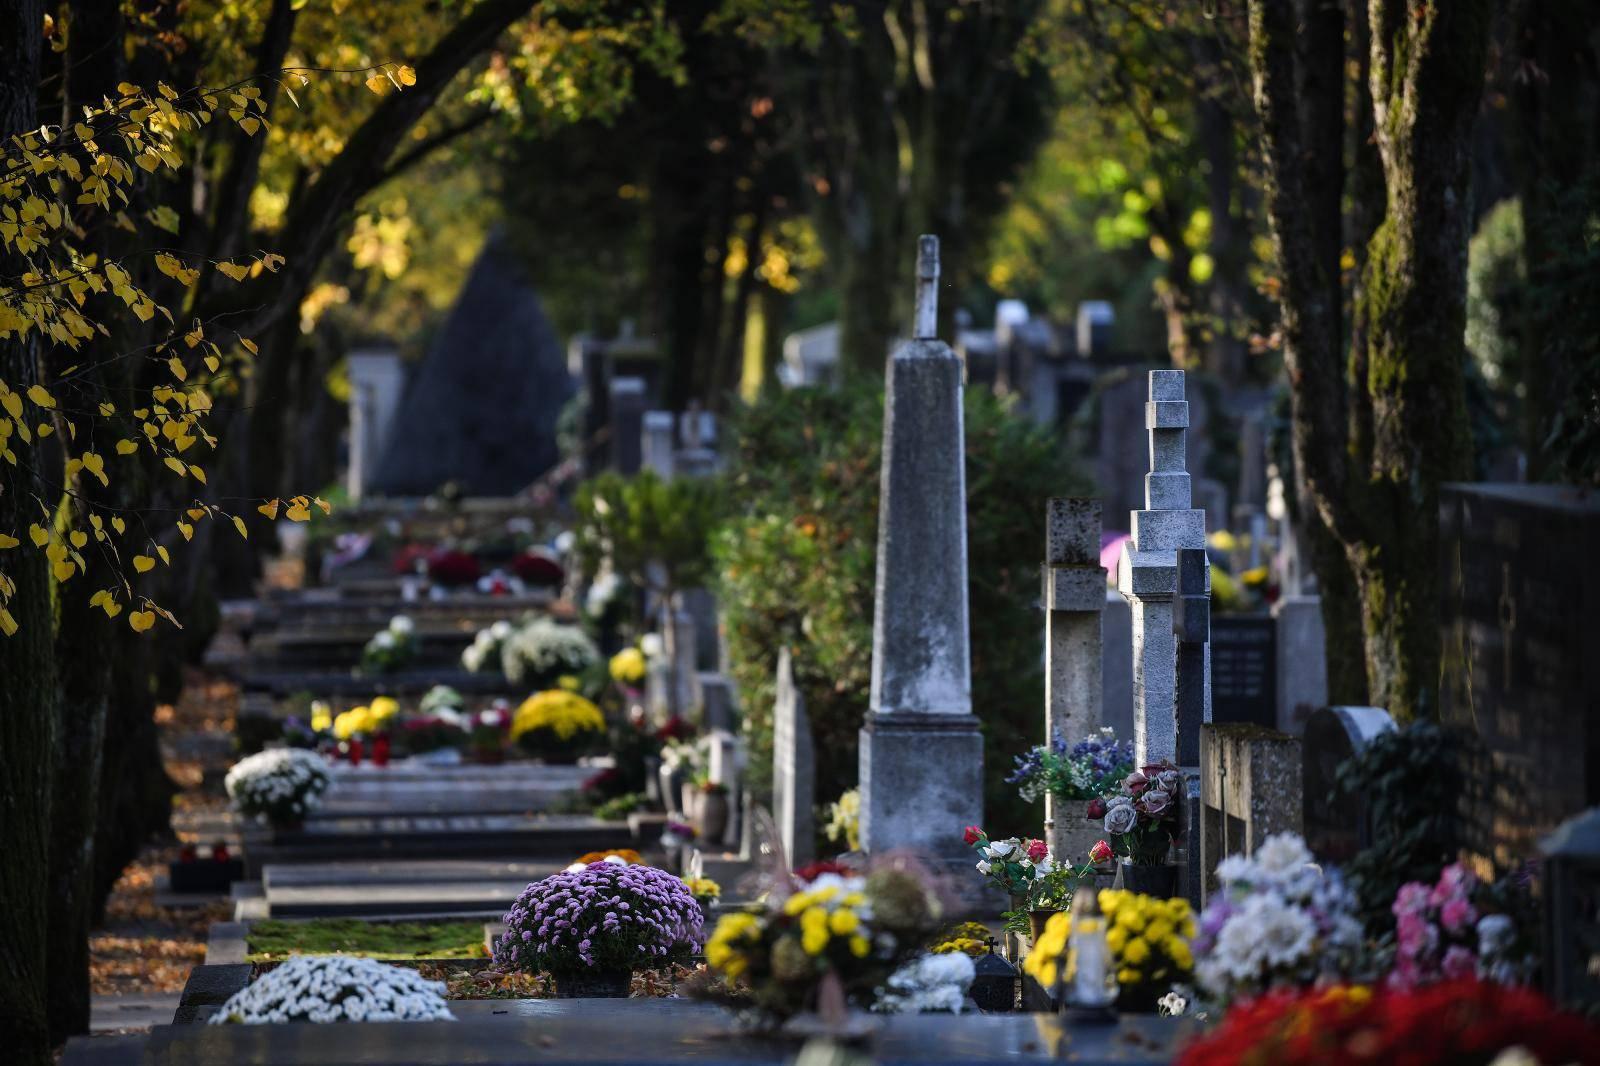 Zagreb: Povodom blagdana Svih svetih građani uredili grobove svojih najmilijih na Mirogoju